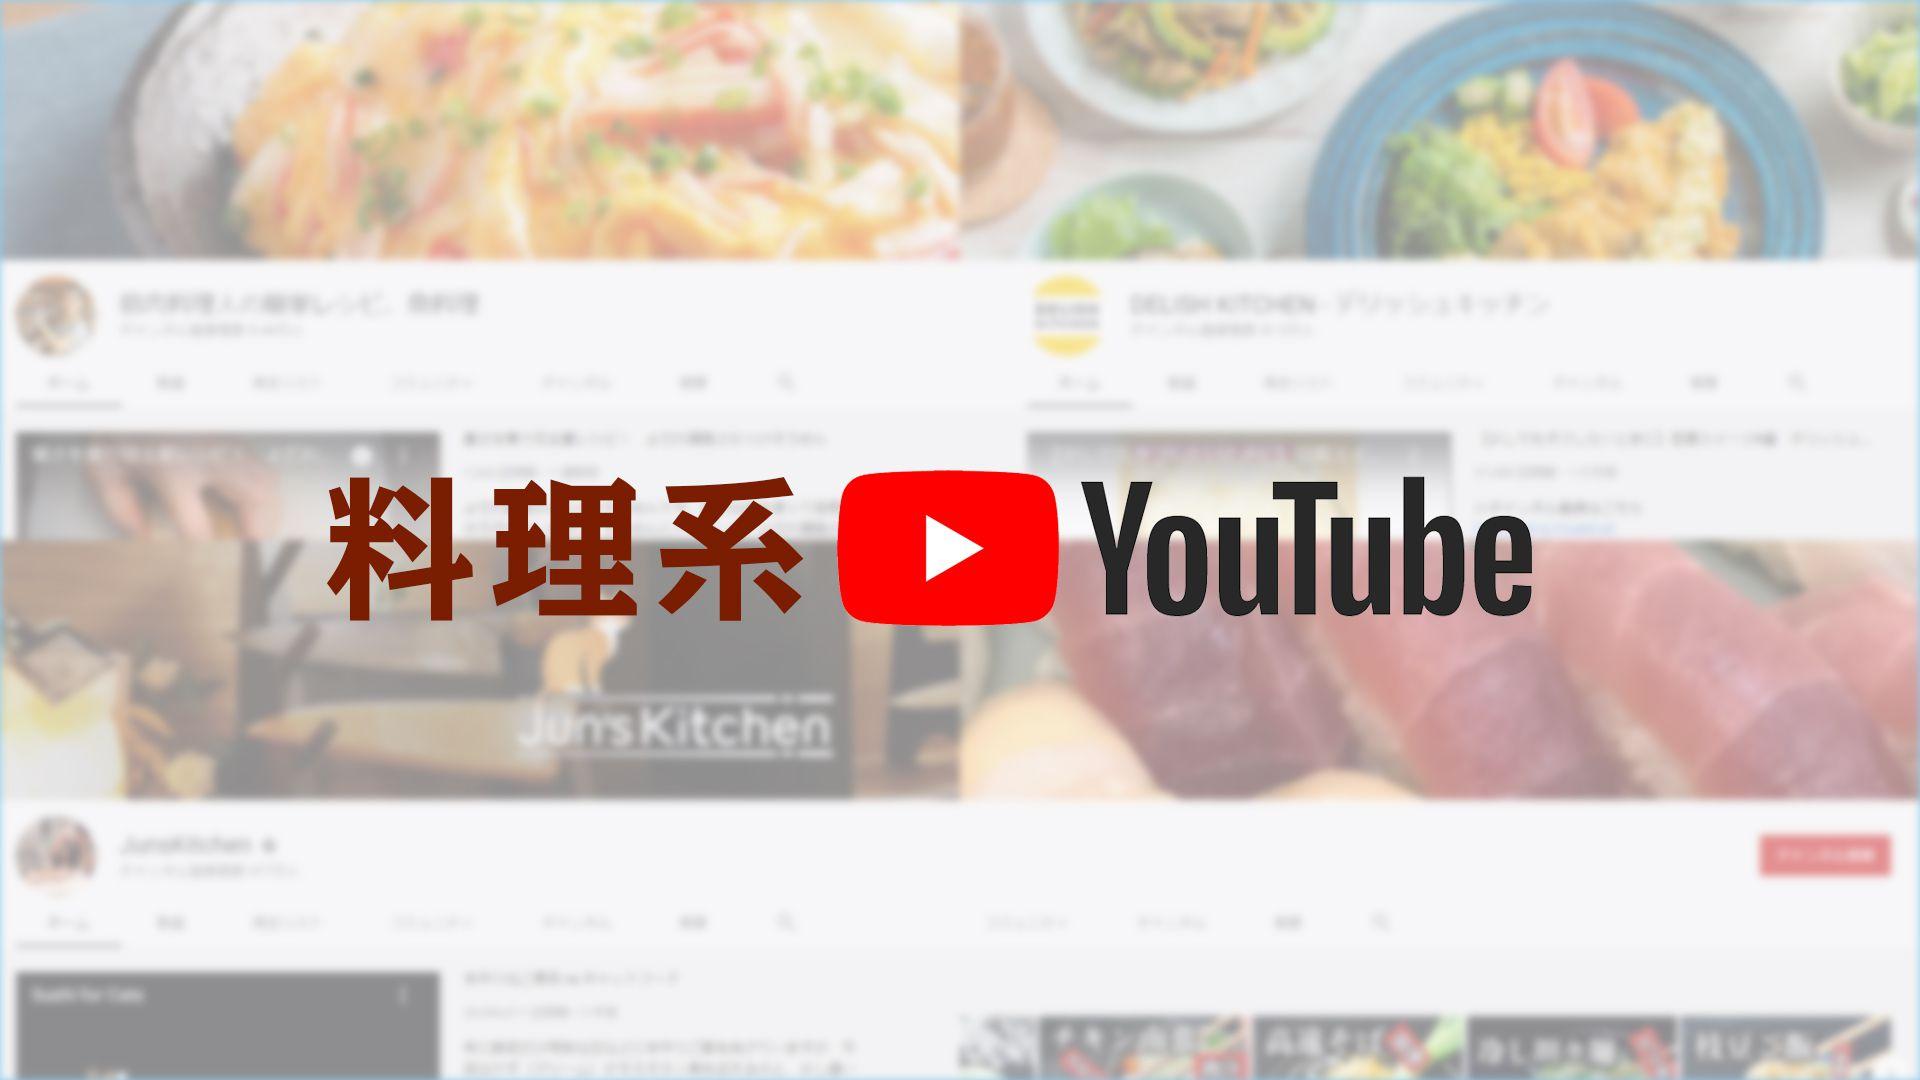 料理系Youtubeチャンネルのまとめと分類